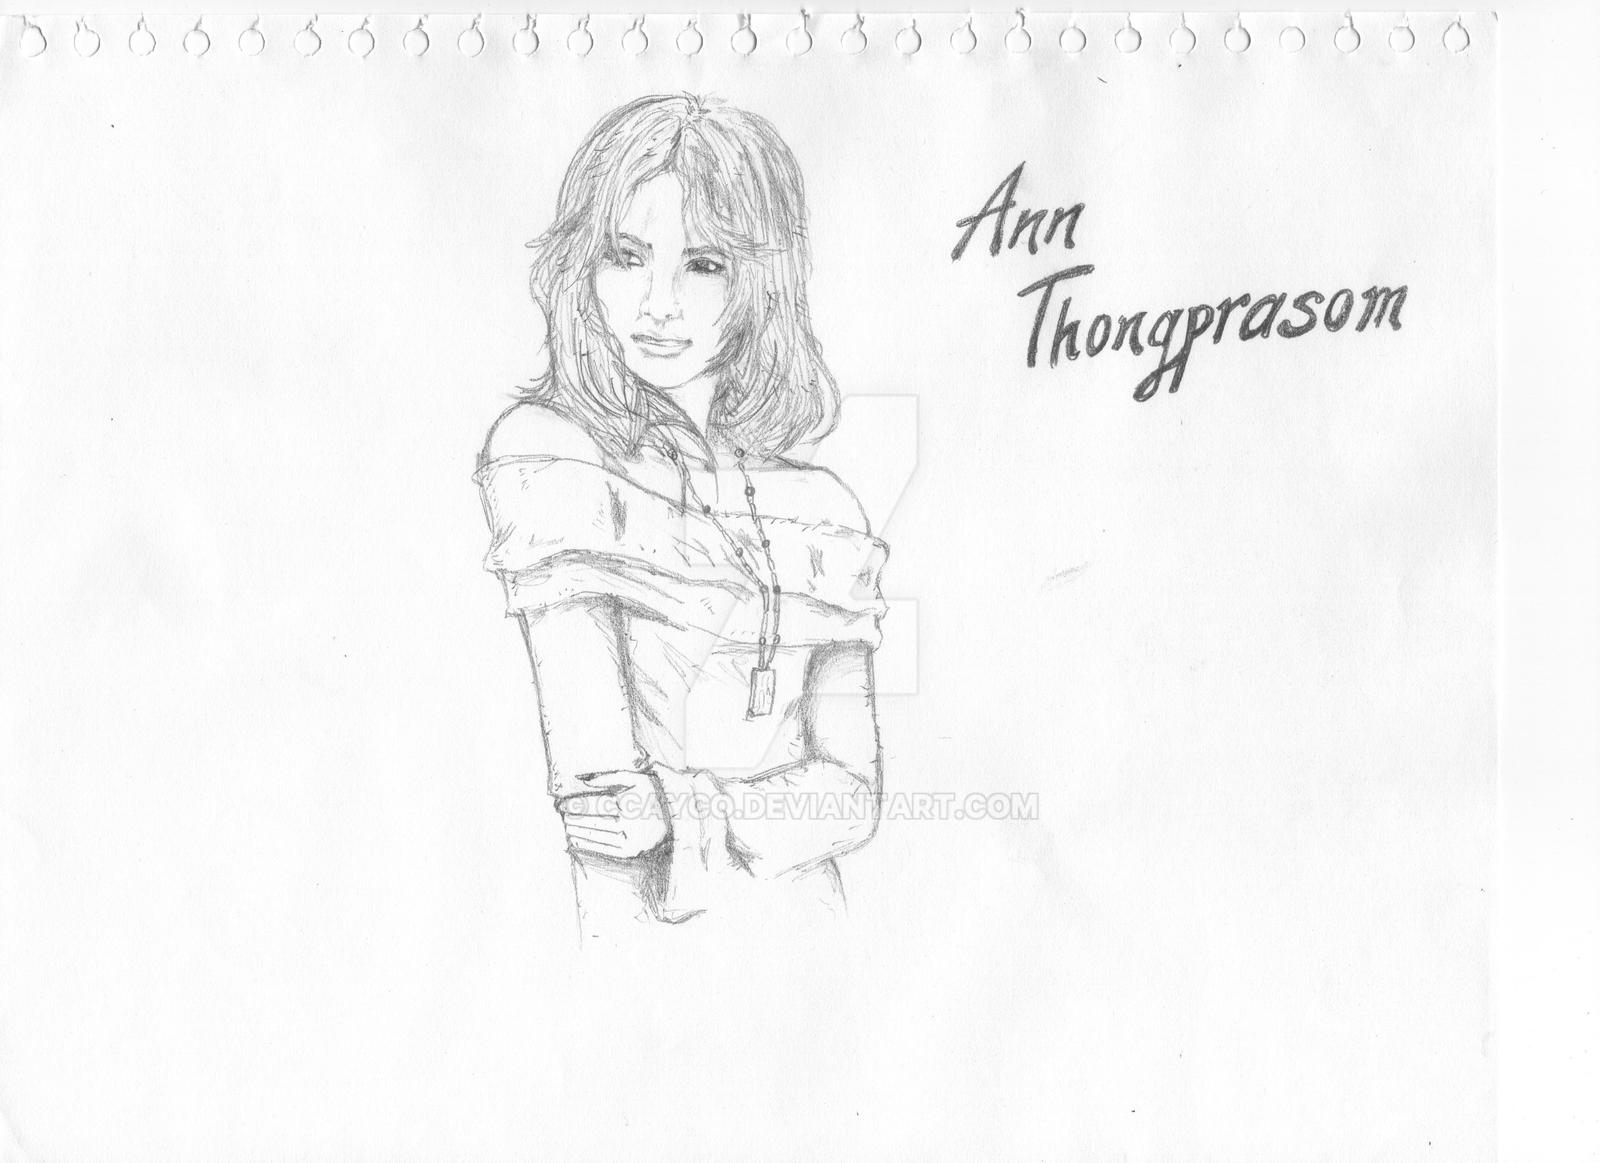 Ann Thongprasom by ccayco